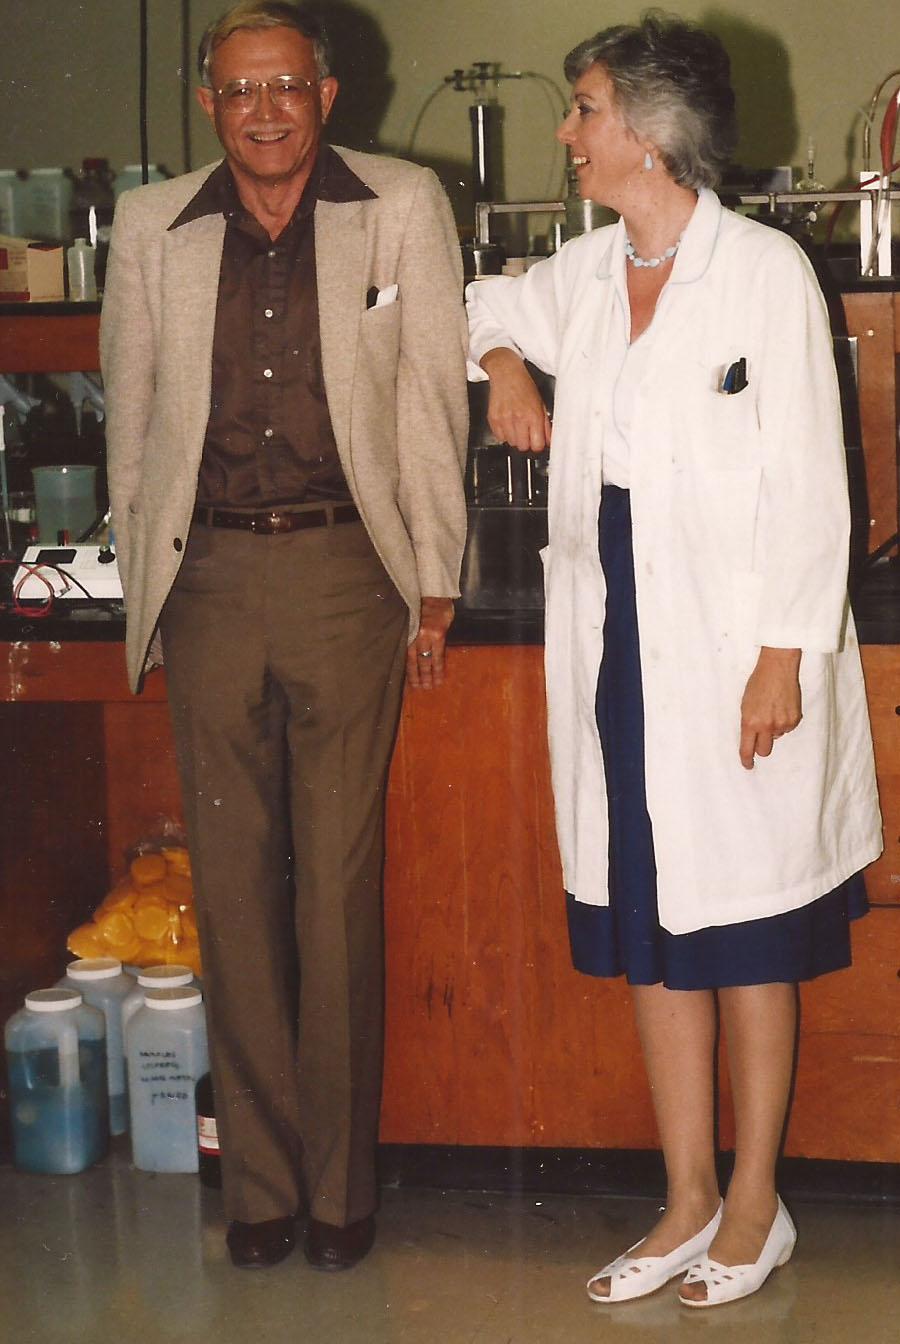 فرانسيس فان في معمل الهندسة الكيميائية في التسعينيات